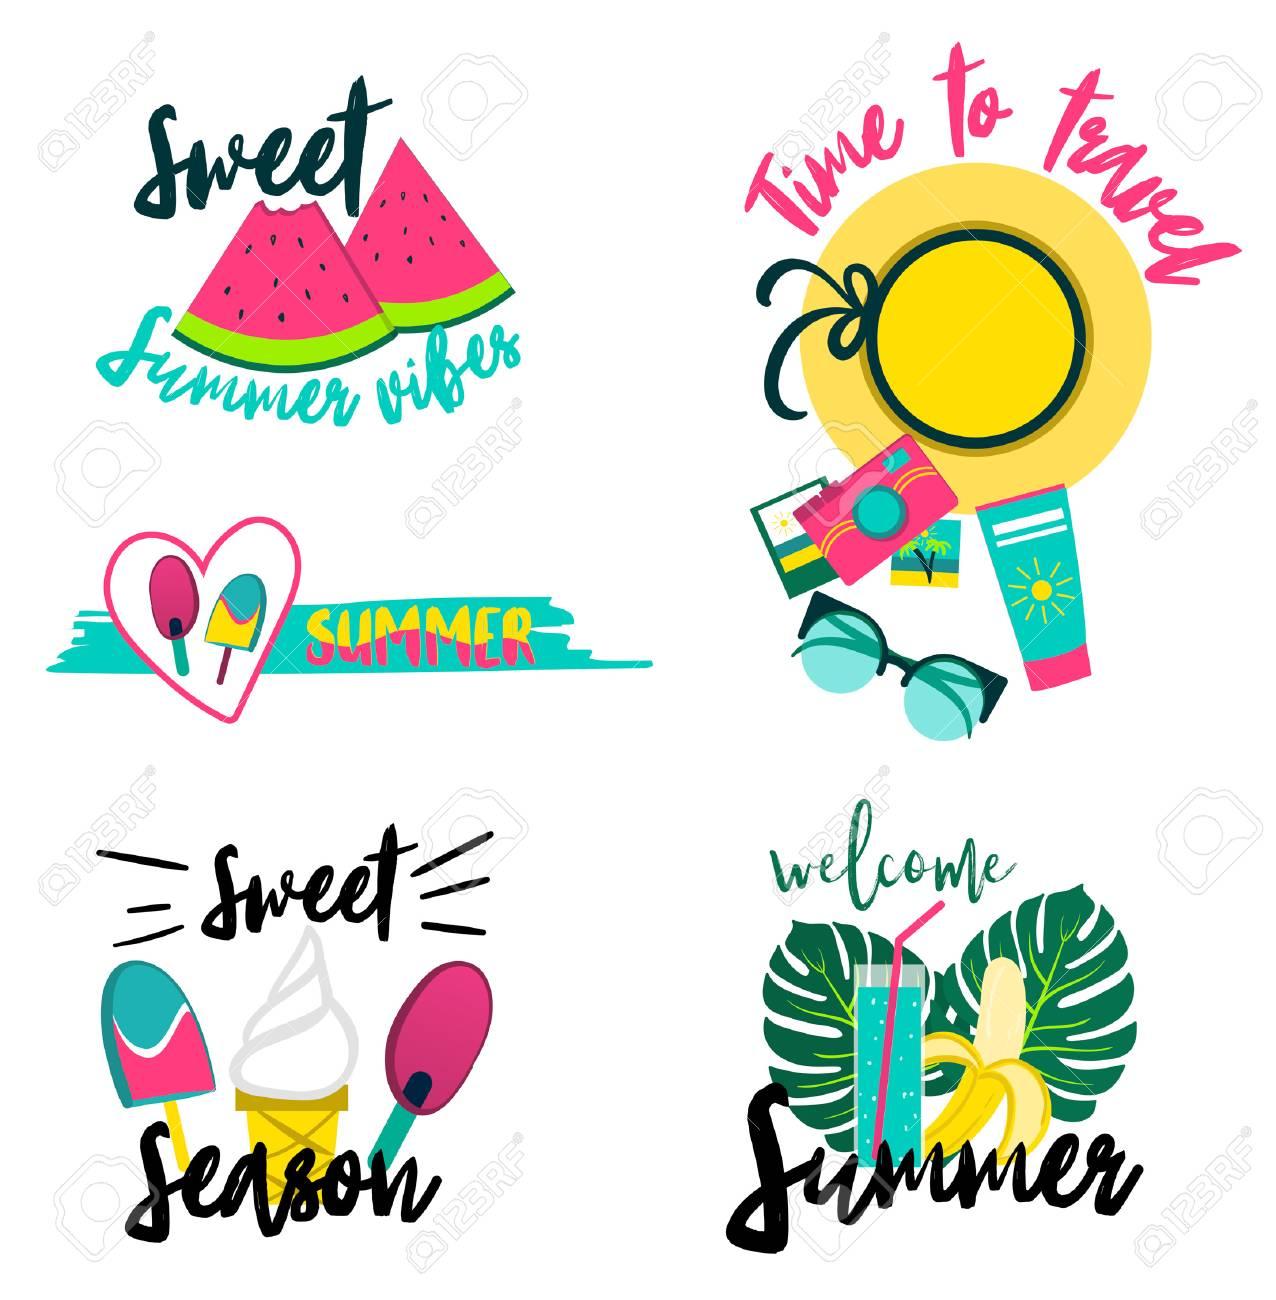 Conjunto De Parches De Verano Pegatinas Insignias Fresa Hoja De Palma Jugo Cóctel Gafas De Sol Helados Donuts Café Frases Dulces Y Sandía